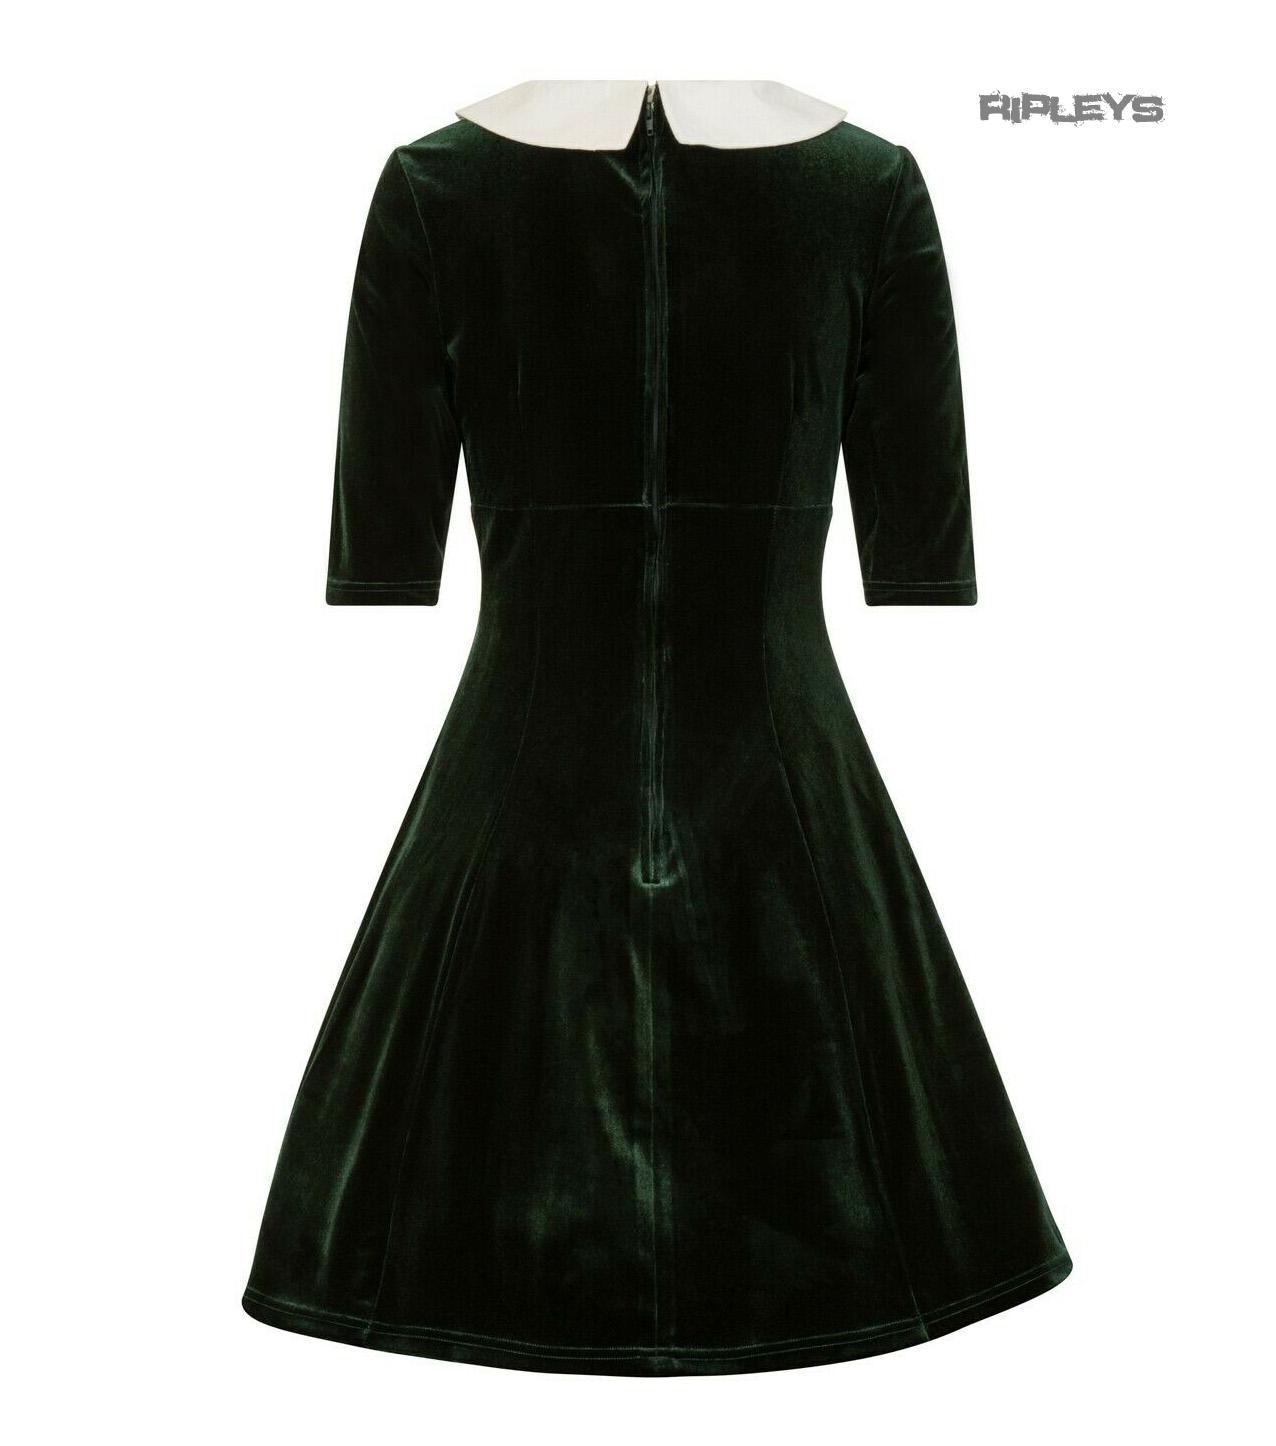 Hell-Bunny-Mini-Skater-Dress-Festive-Christmas-NICOLA-Green-Velvet-All-Sizes thumbnail 20